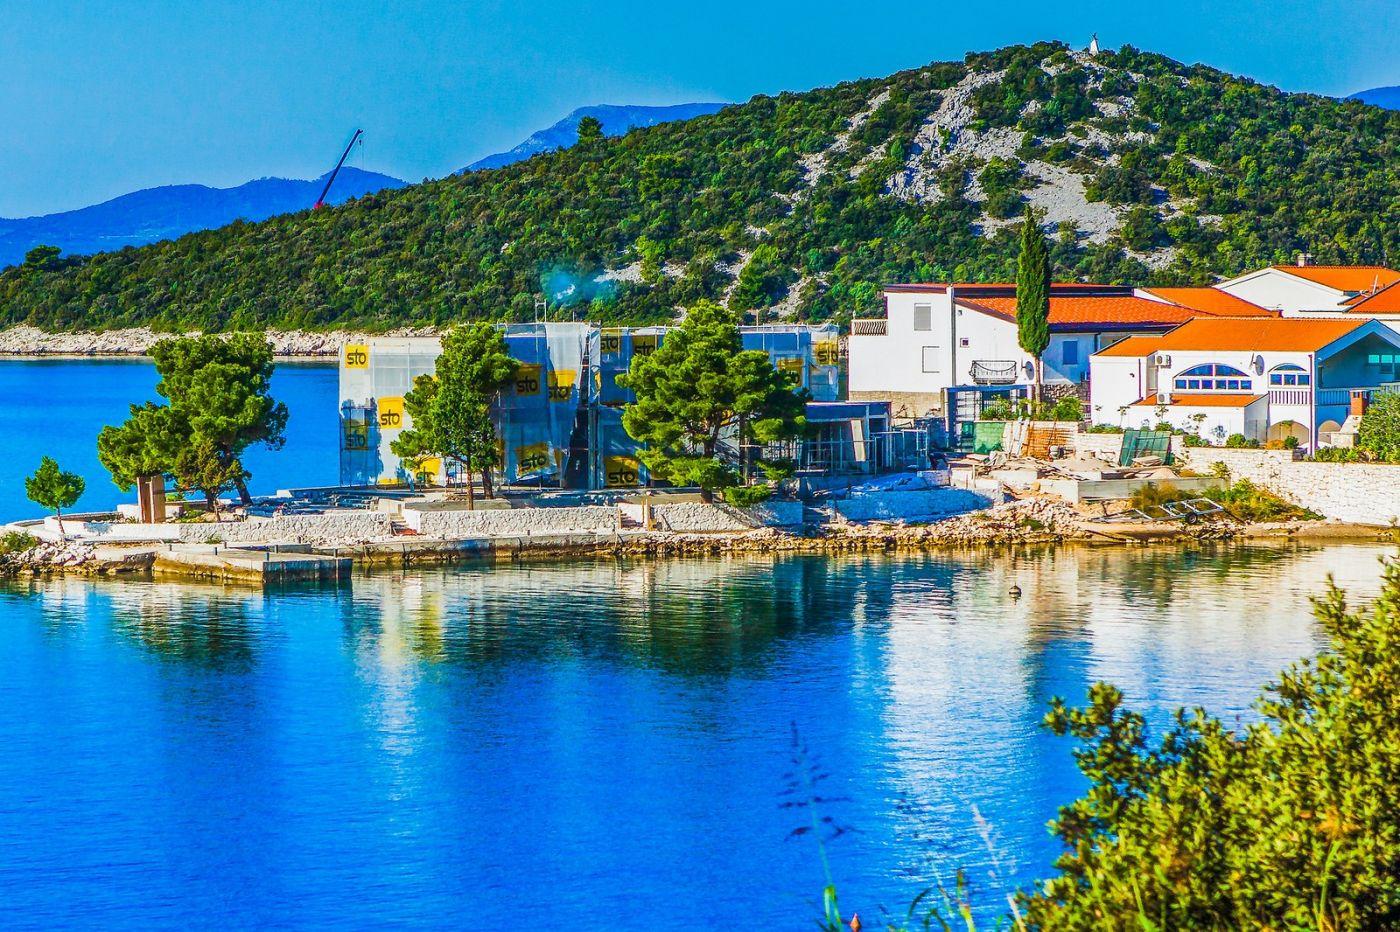 克罗地亚旅途,湾区景色_图1-25